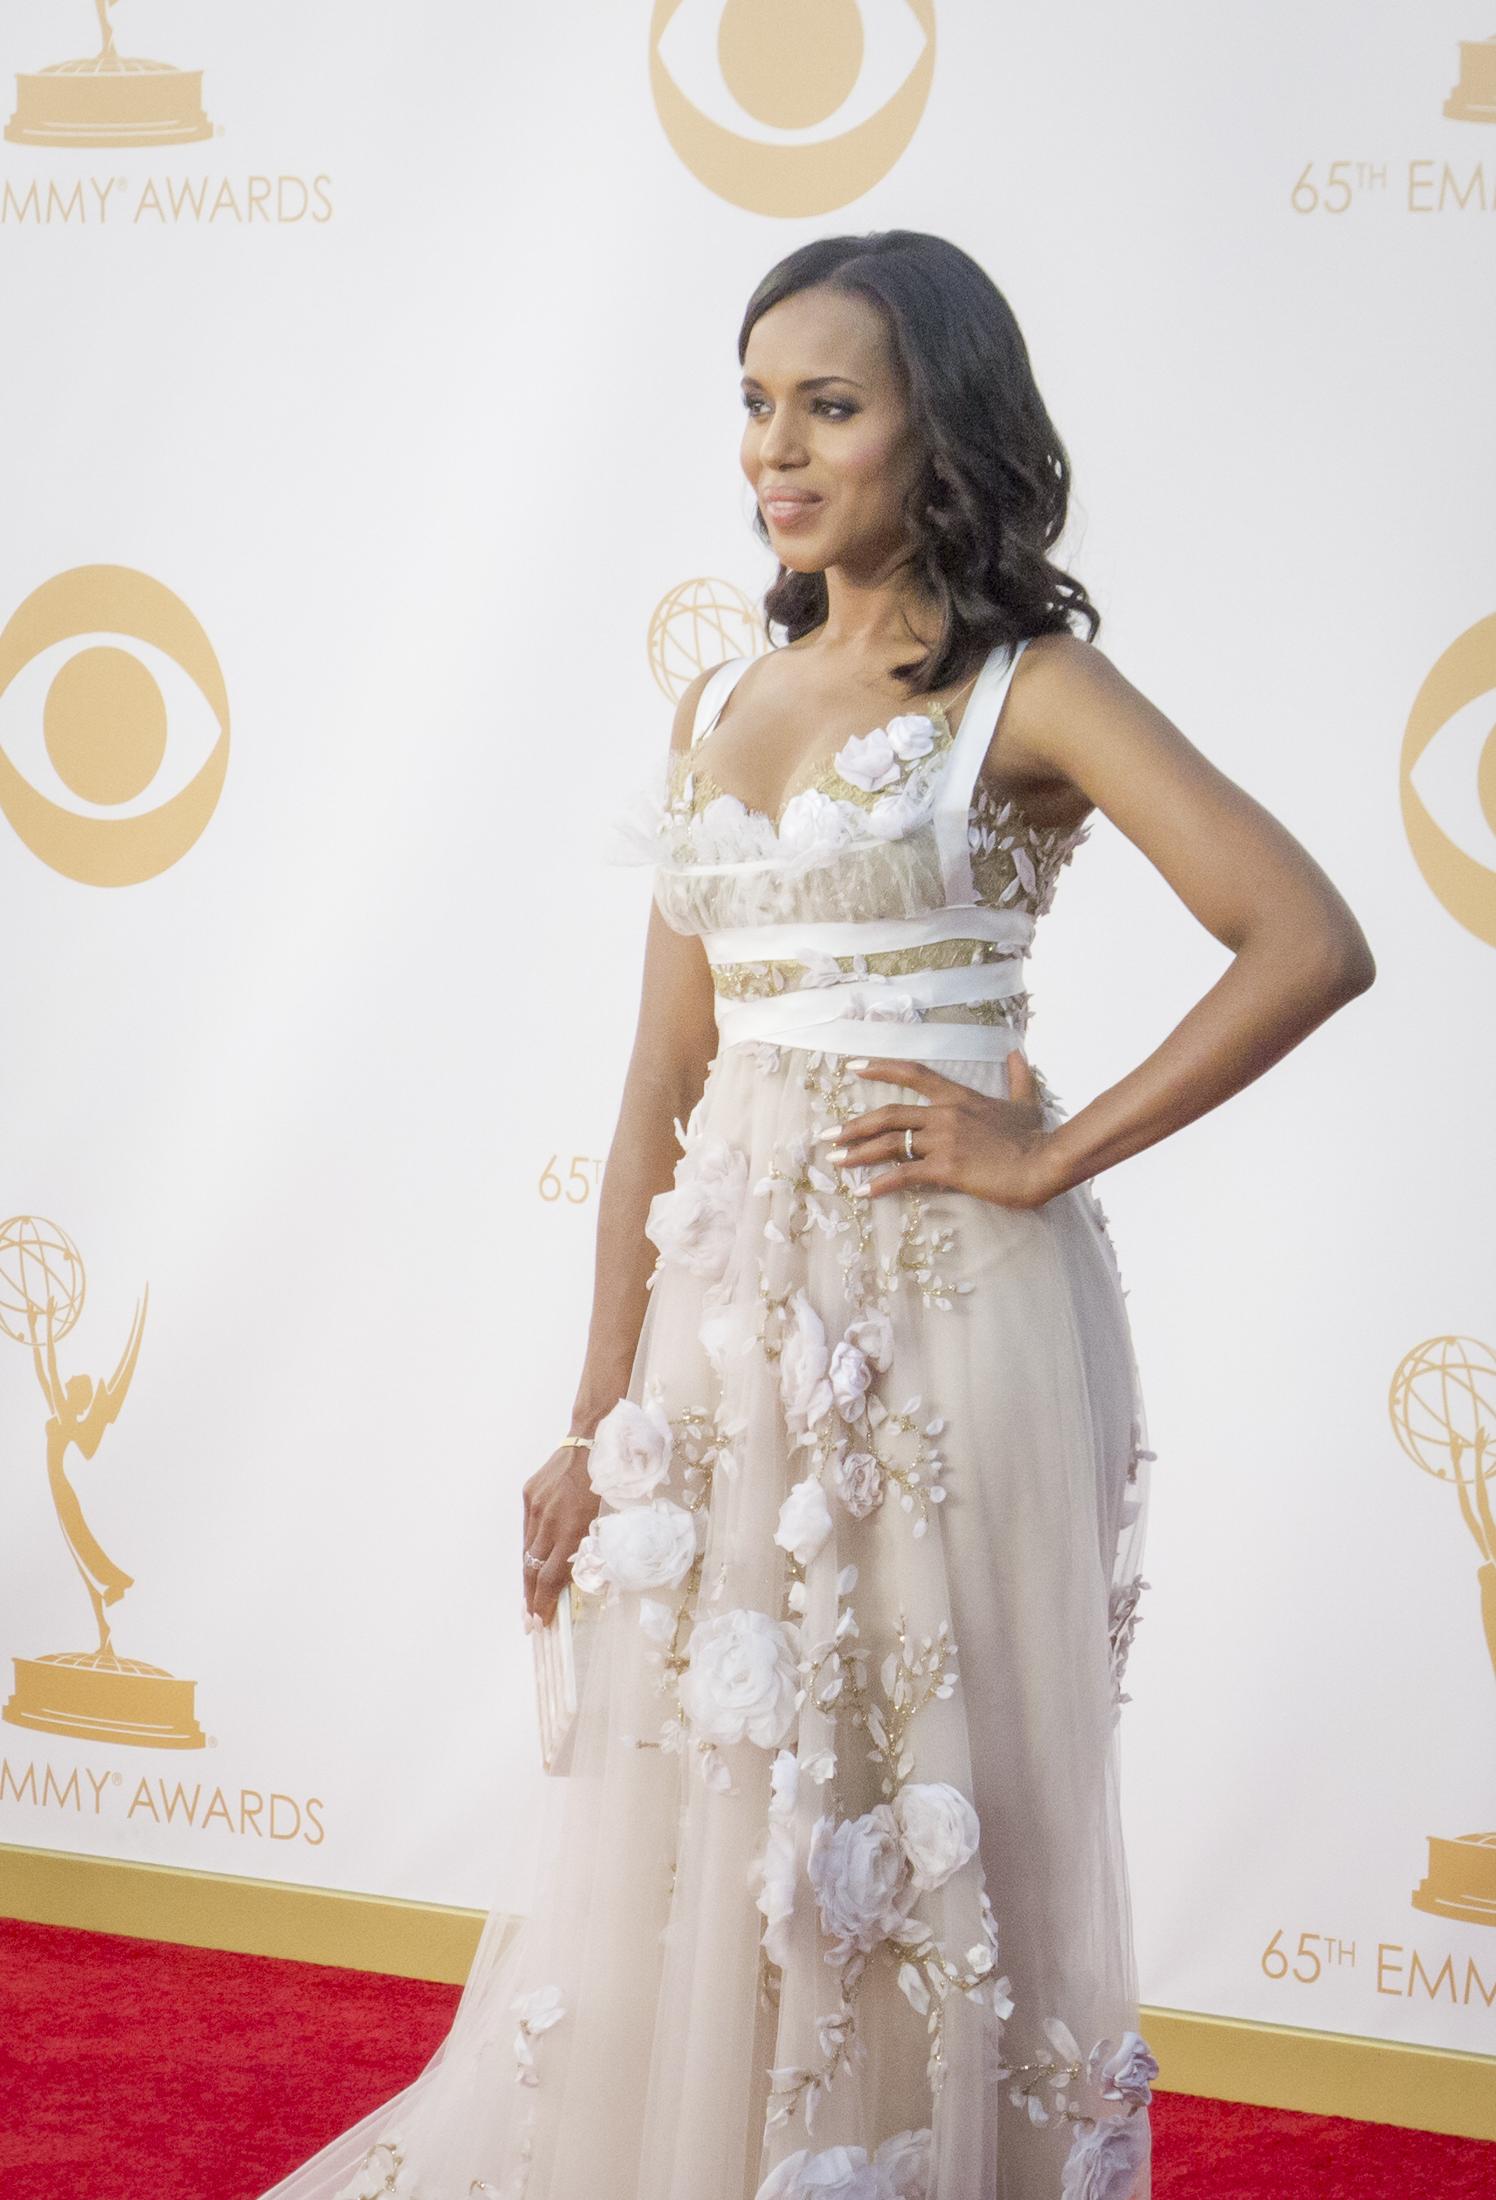 130922_65th Emmys_103.JPG